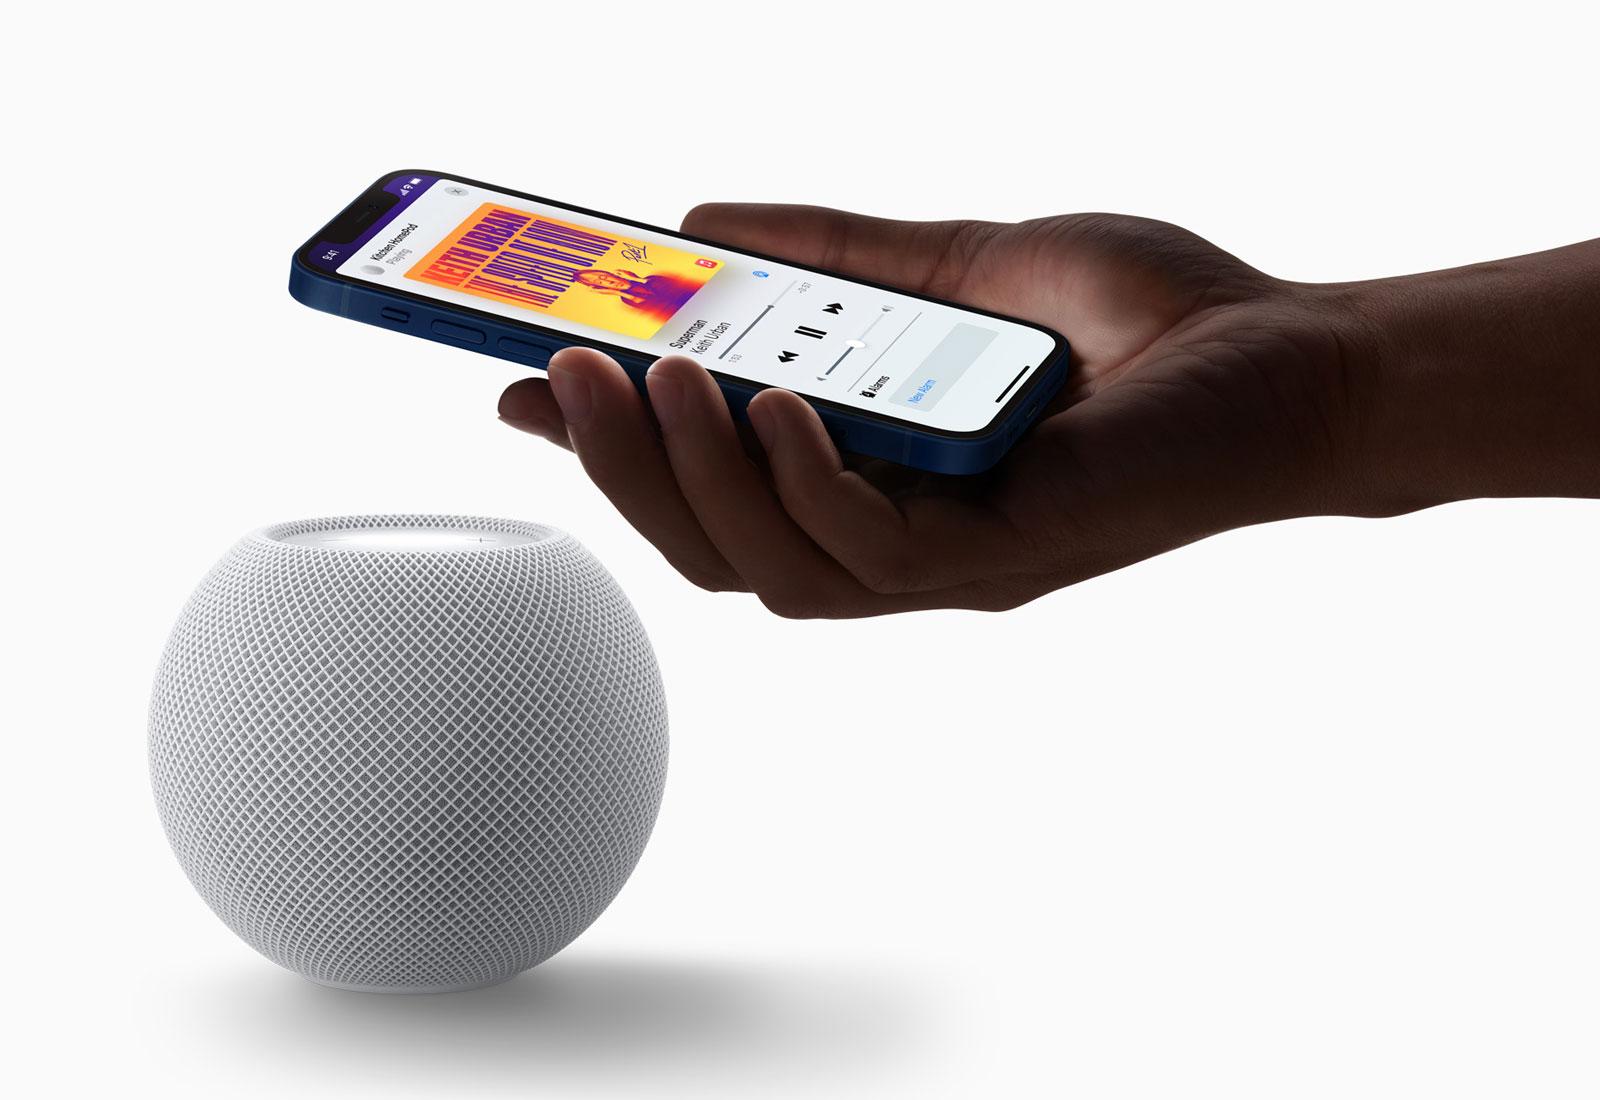 HomePod mini is a powerful smart speaker